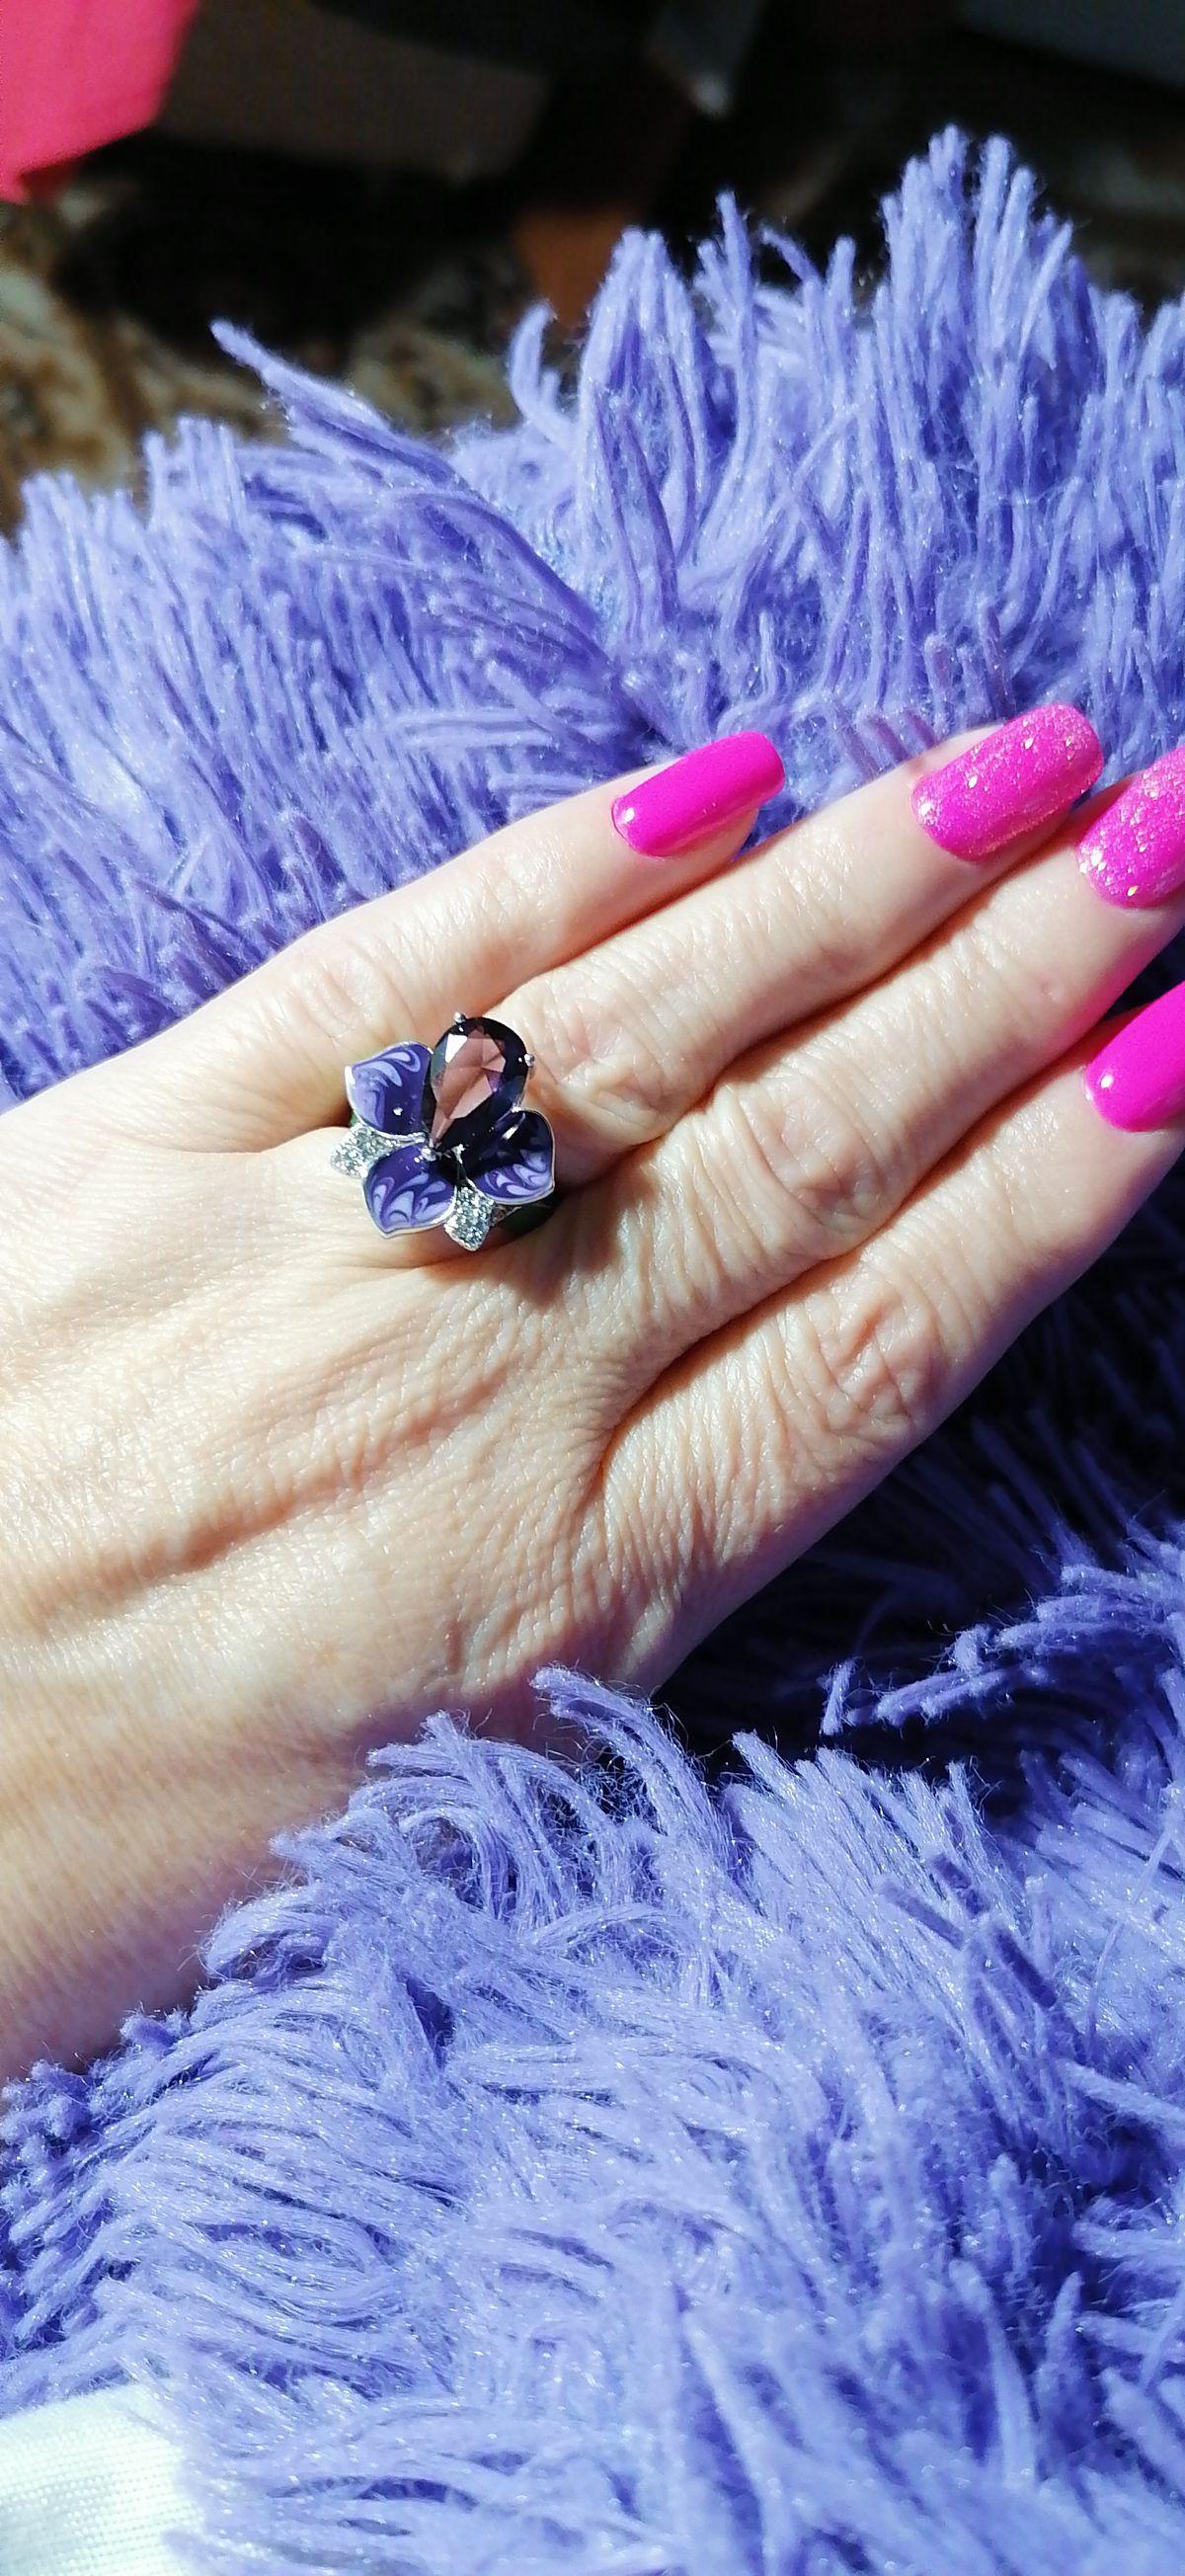 Красивое кольцо с феонитами и эмалью для солнечного лета!